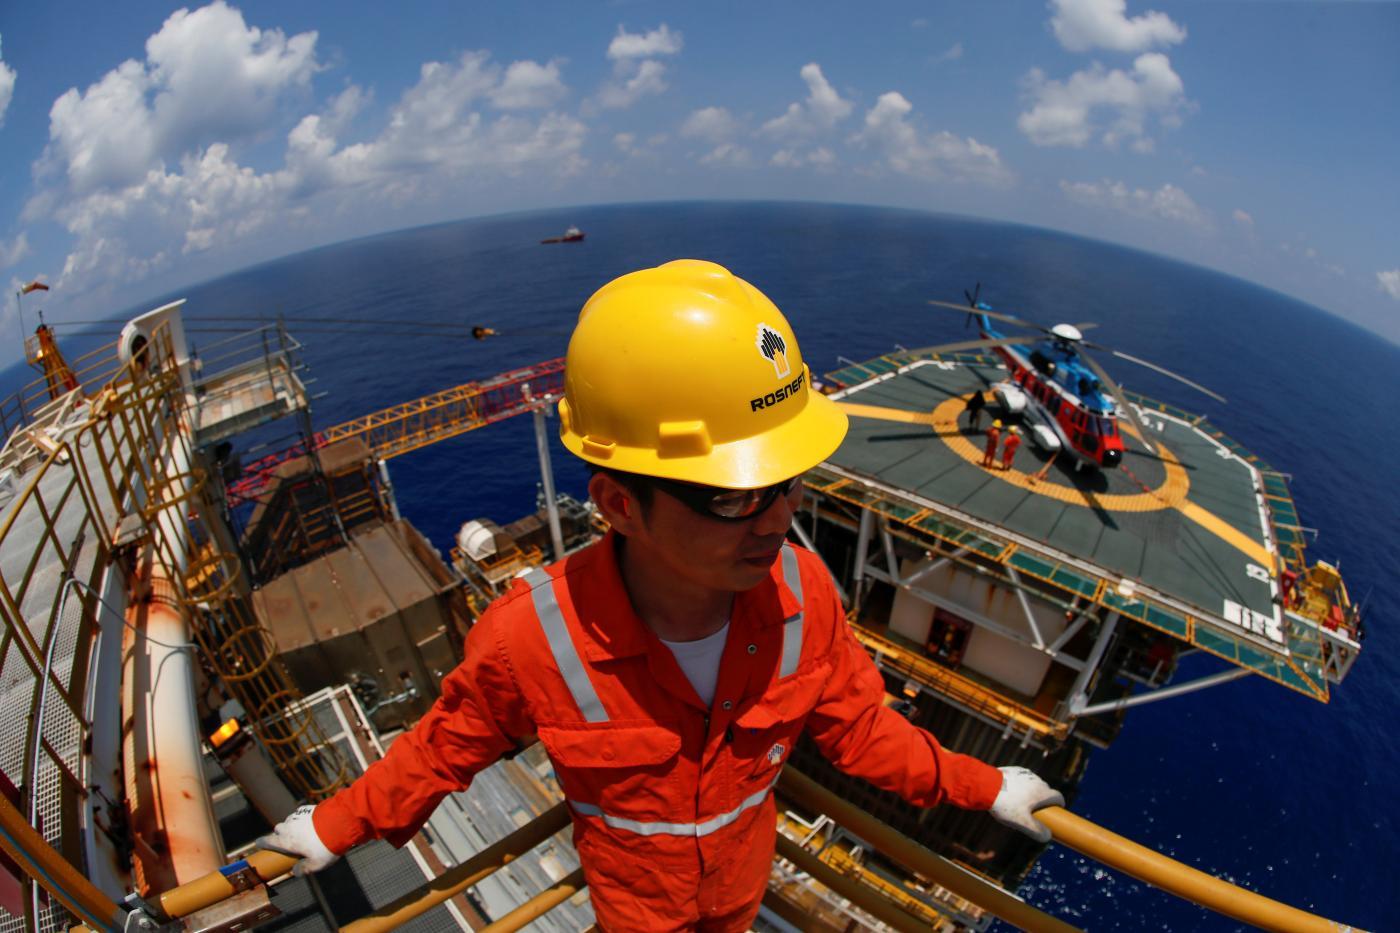 Foto de Estados Unidos afirmam que a China bloqueia US $ 2,5 bilhões em petróleo e gás do Mar do Sul da China – Quartz